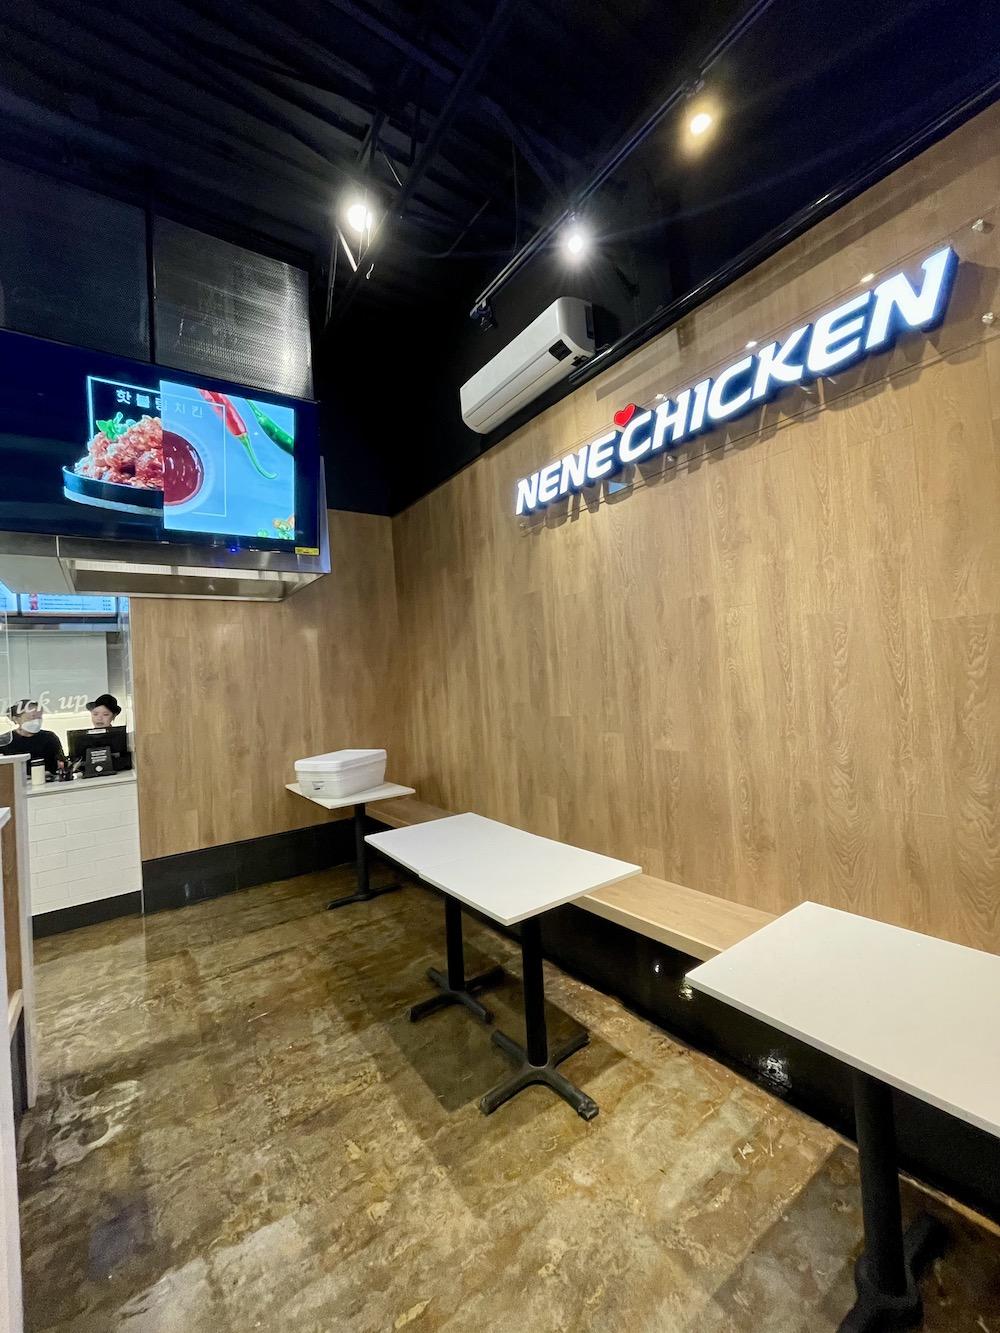 NeNe Chicken Davie Street